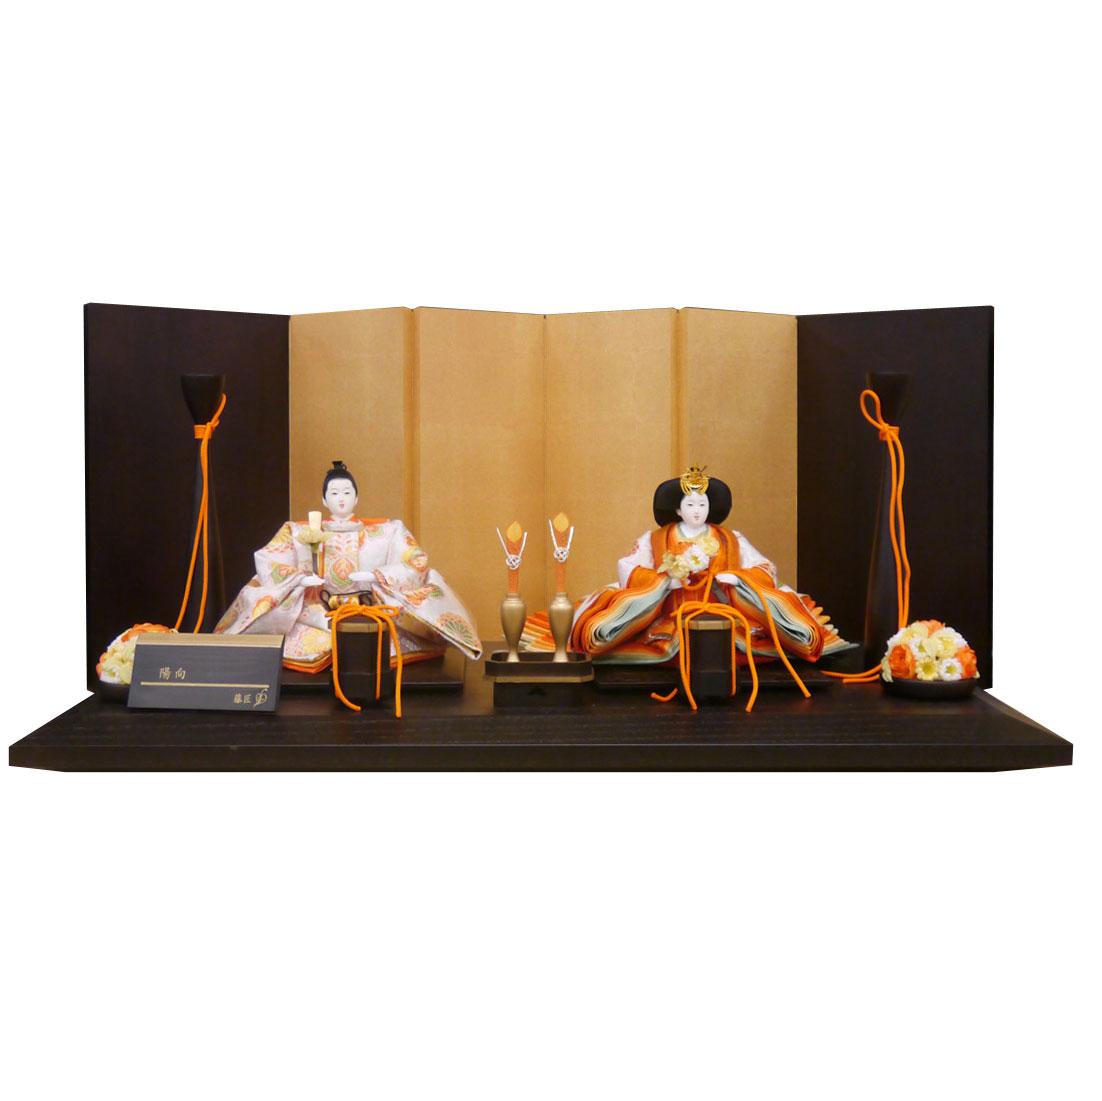 定番  創作雛人形 陽光 親王飾り 創作雛人形 親王飾り 2人飾り 雛人形 2人飾り 後藤人形, 枕と眠りのおやすみショップ!:43f0e6bc --- canoncity.azurewebsites.net